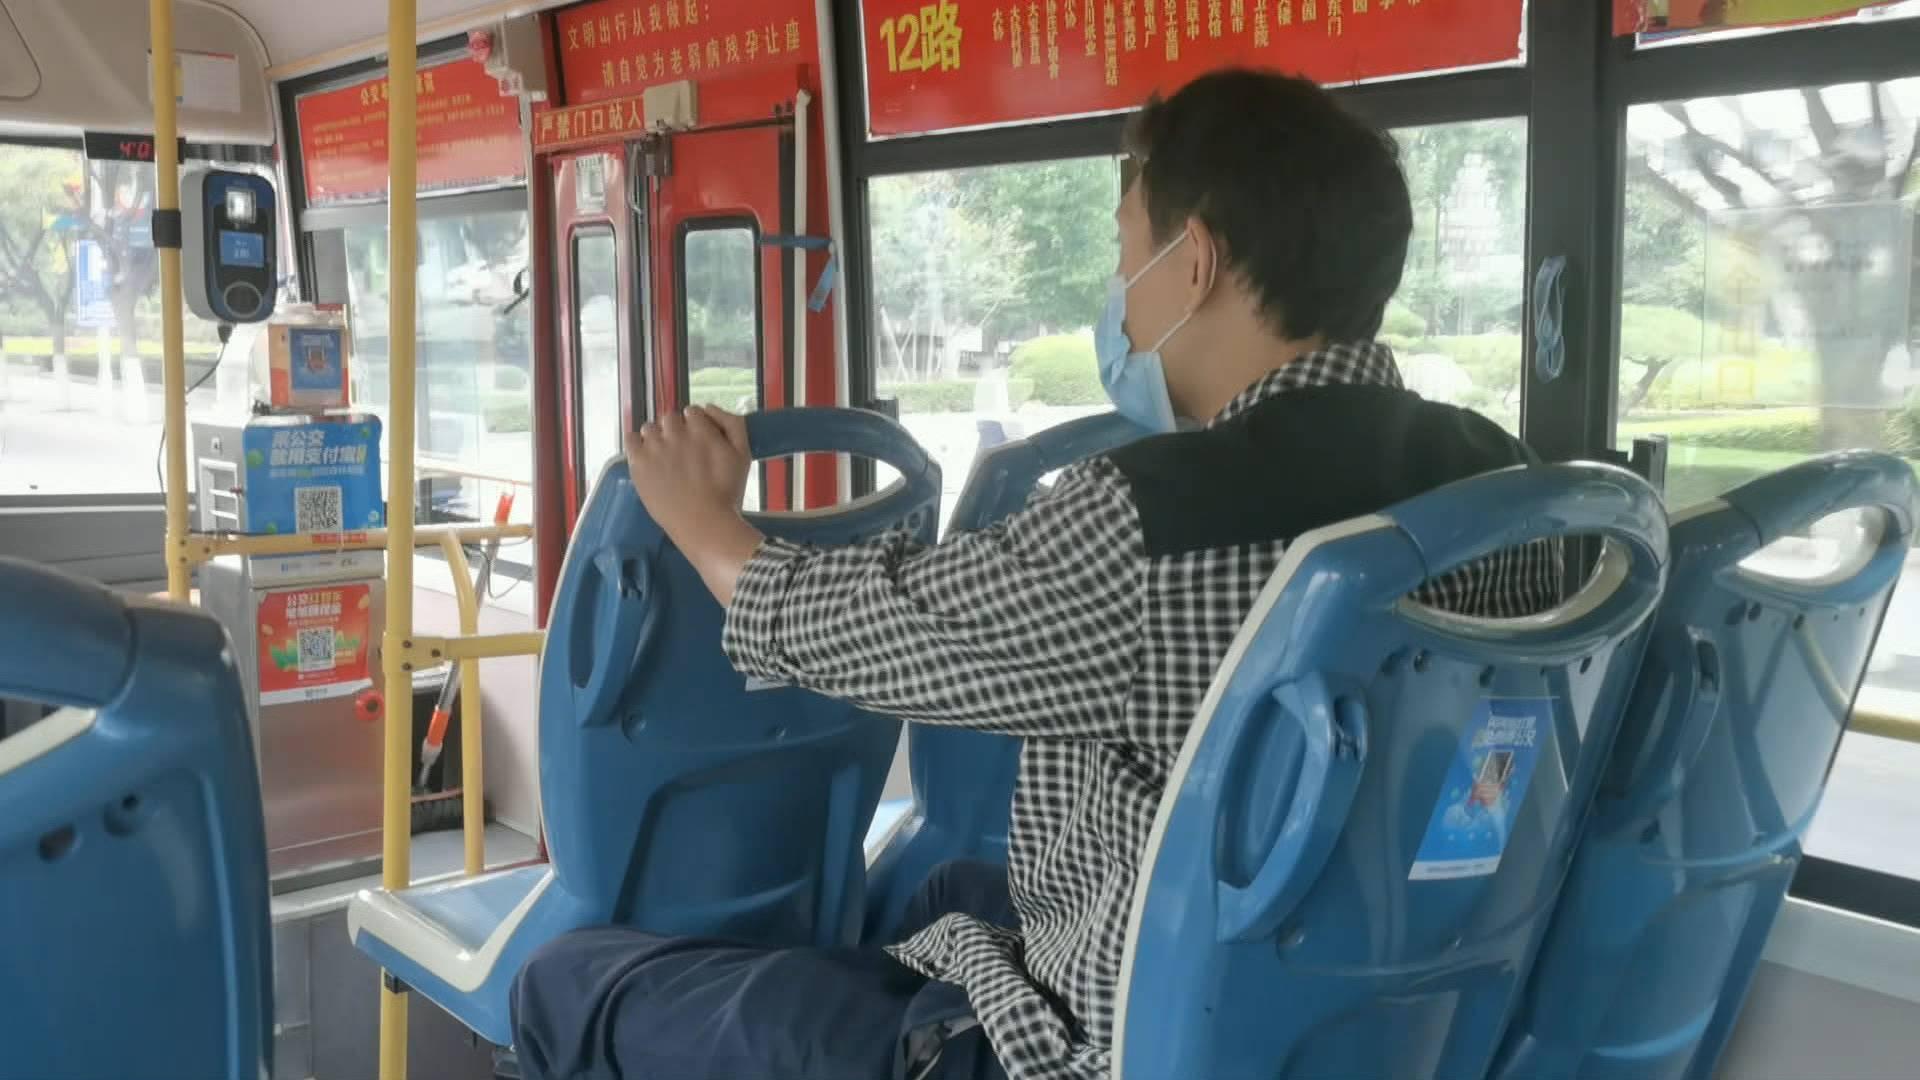 问政山东丨泰安新泰市民实名办理公交卡丢了没法补 公交公司:谁捡到算谁的,就这么落后